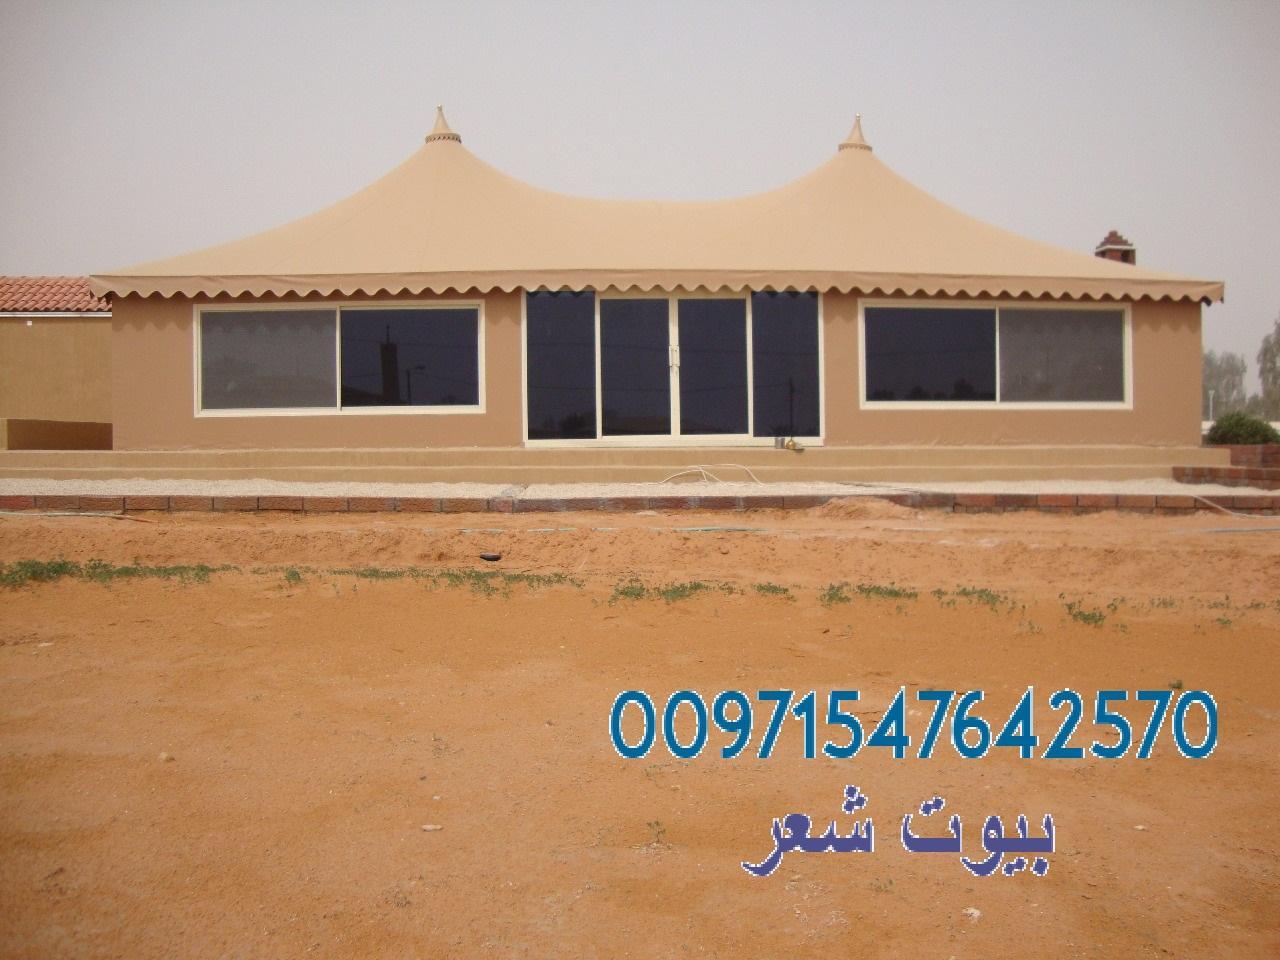 مظلات سواتر المدارس الفلل 00971547642570